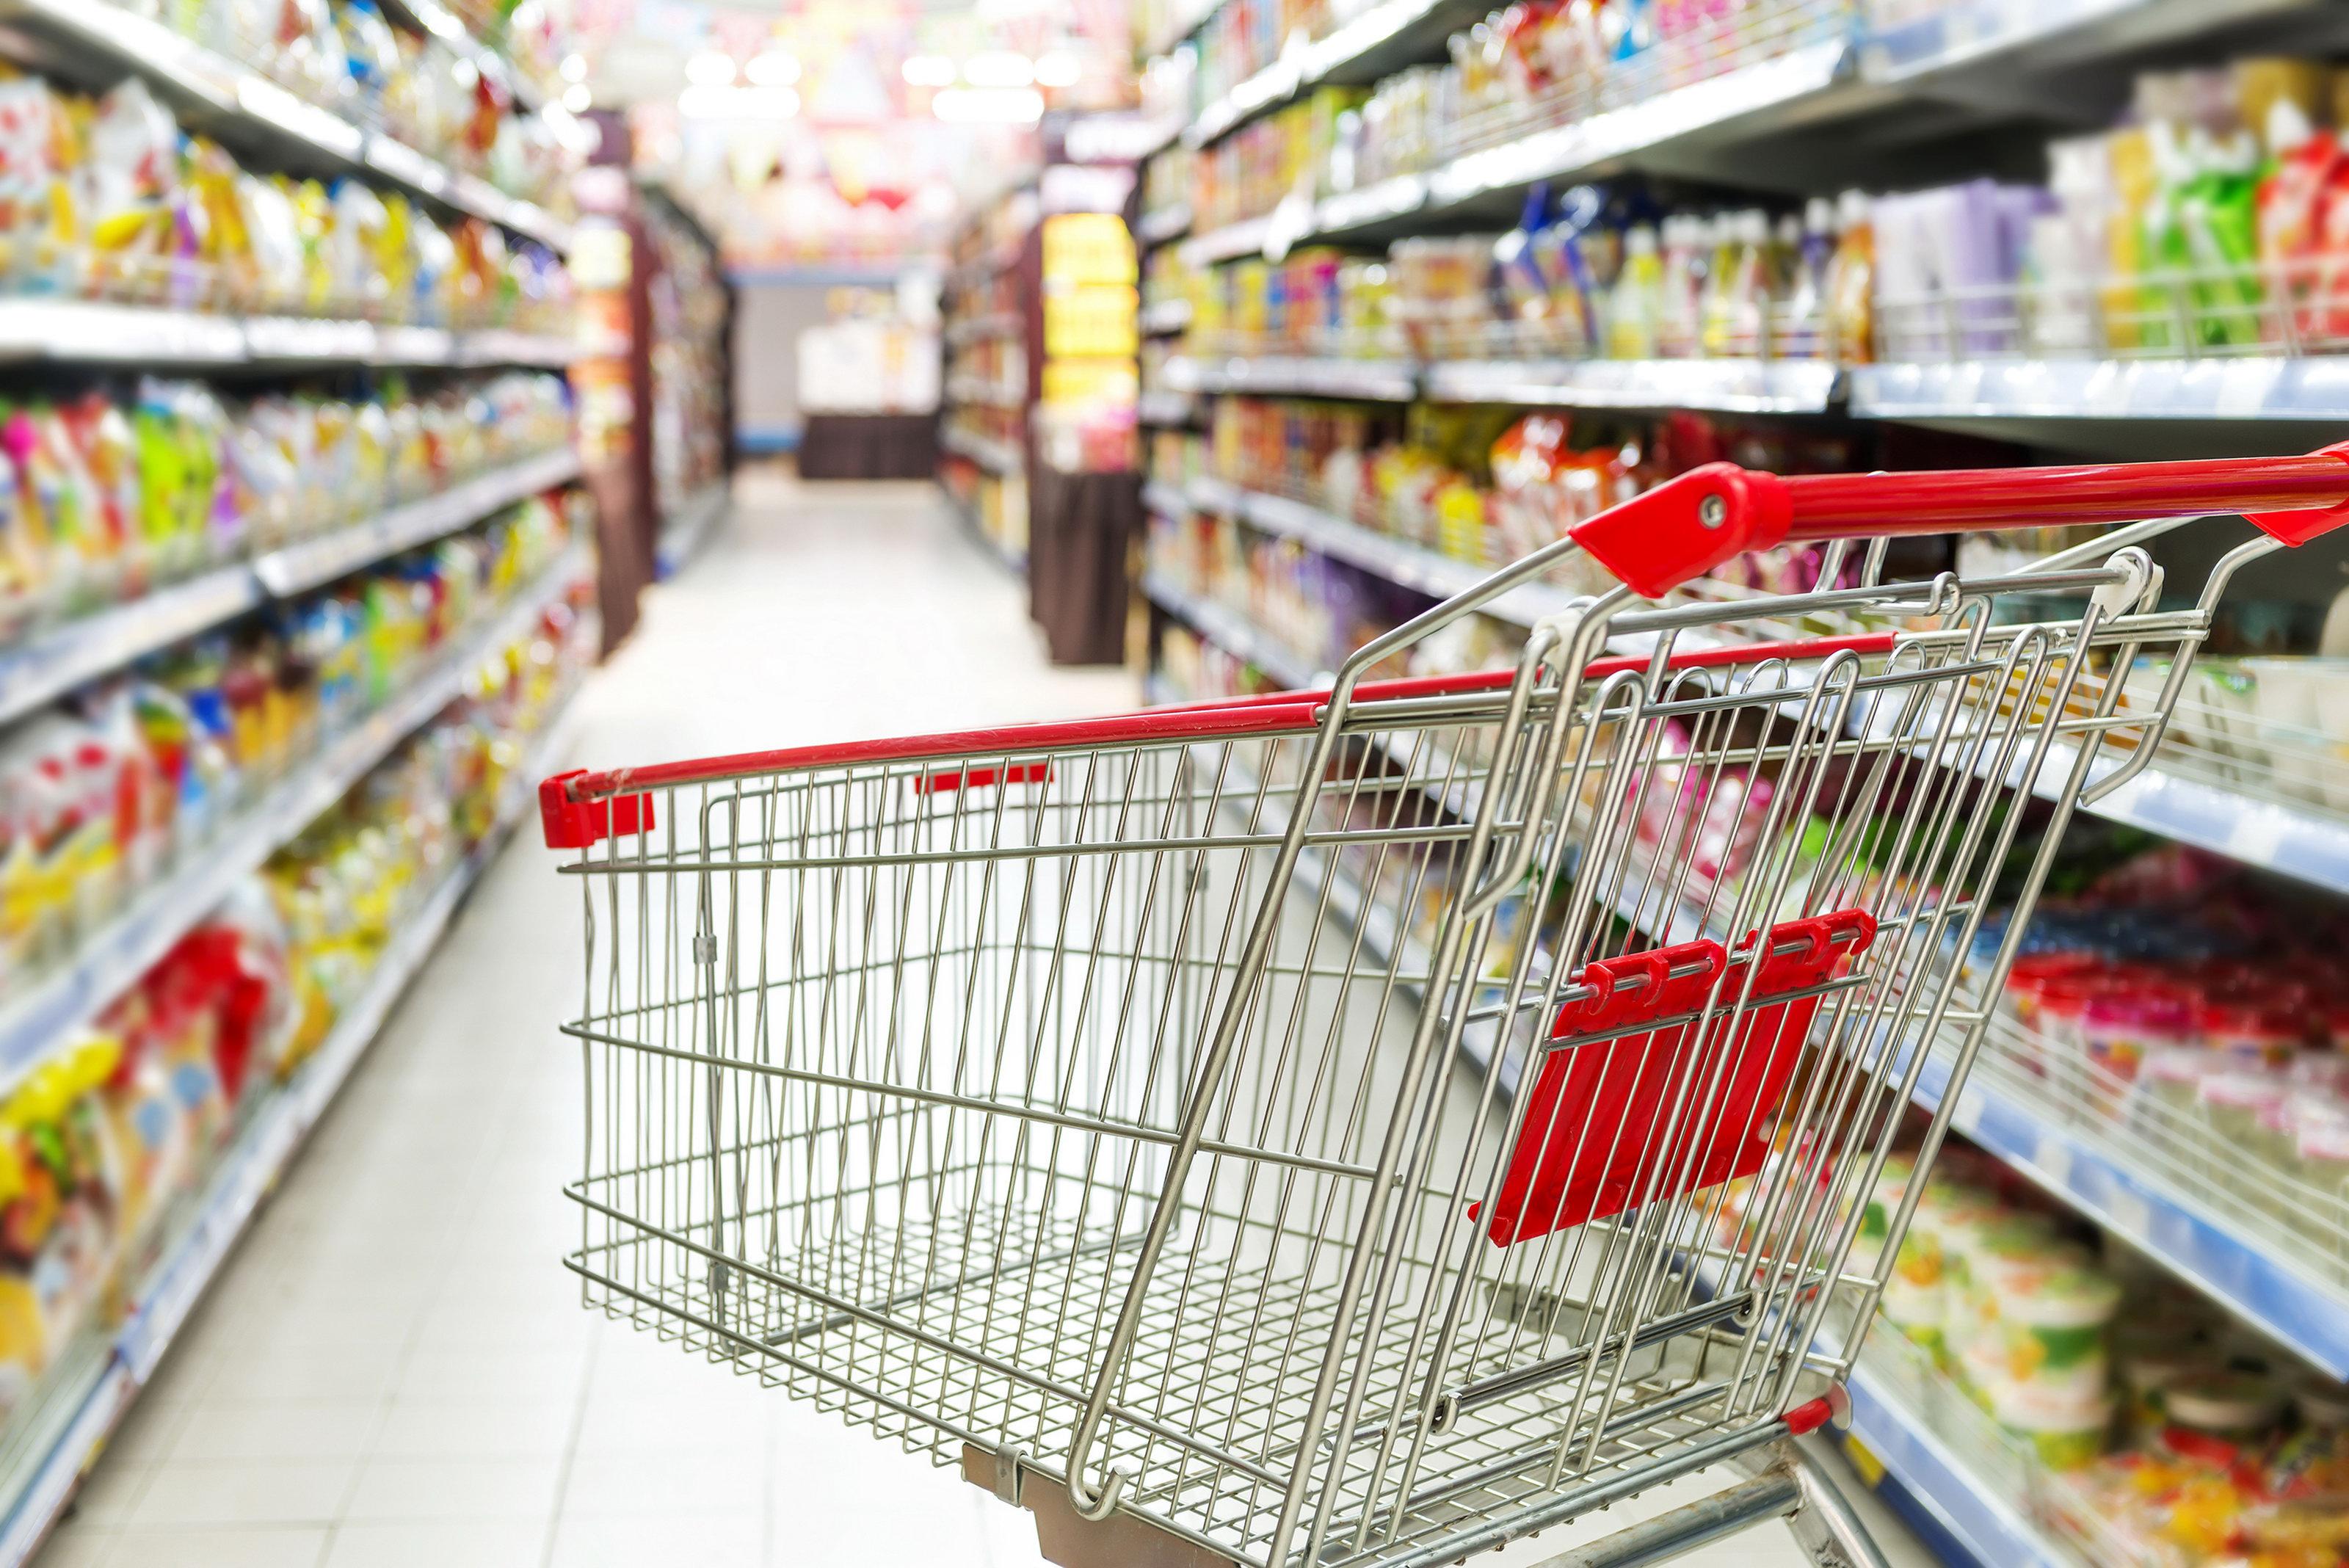 Вот так неуклюжие: в известной сети супермаркетов нанесли огромный ущерб на тысячи гривен (ФОТО)